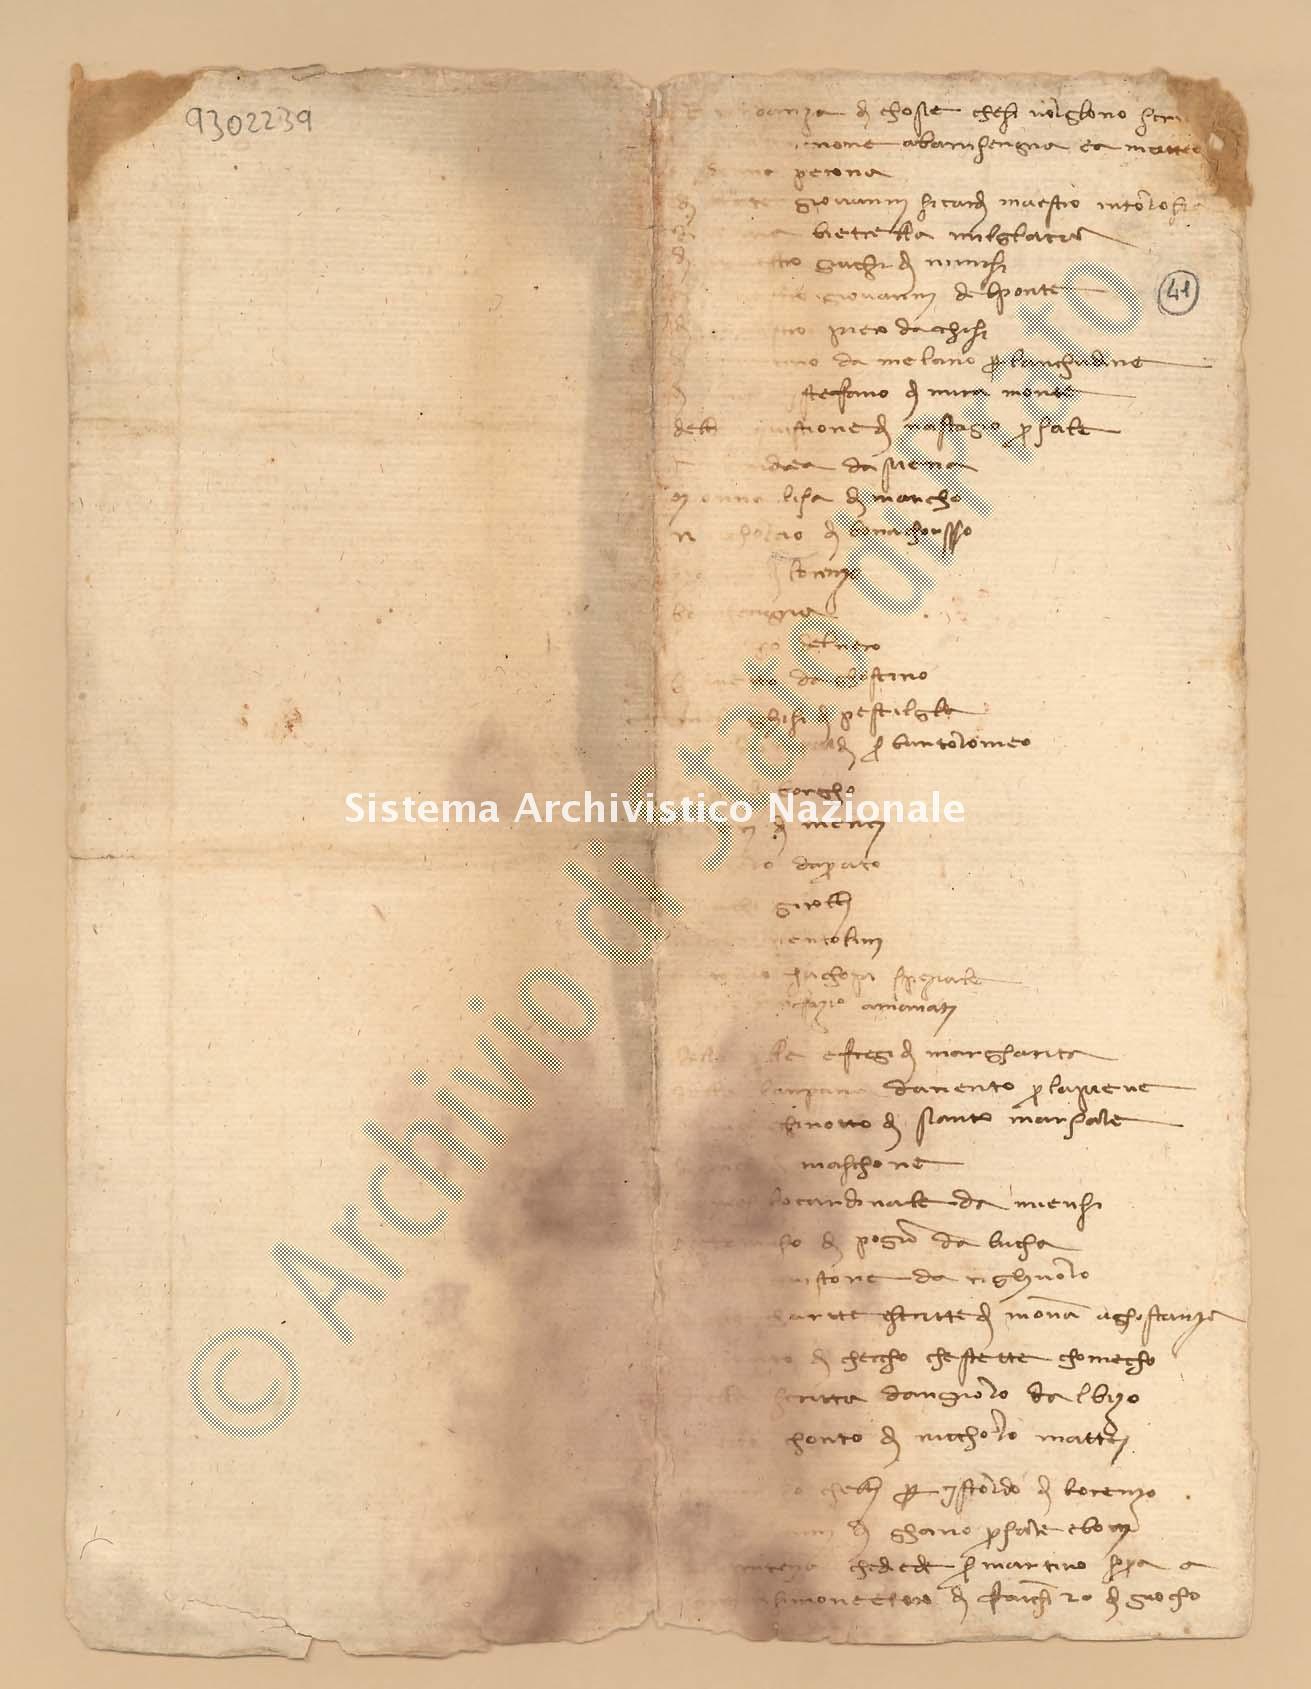 Archivio di Stato di Prato, Fondo Datini, Carteggio specializzato, Ricordanze, Busta 1166 (busta 1166, codice 9302239)